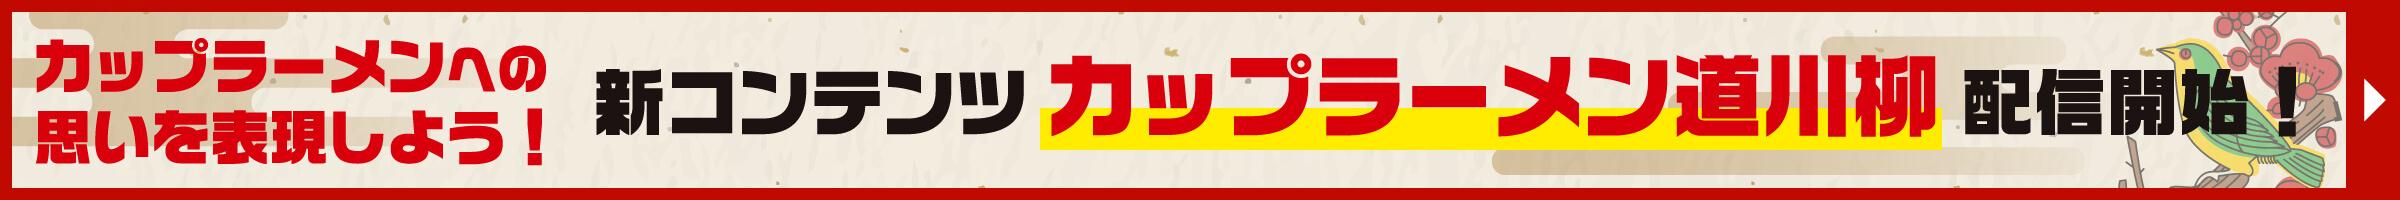 ハッシュタグ「#カップラーメン道川柳」をつけて、つぶやこう!カップ麺への思いを川柳で表現!?「カップラーメン道川柳」配信開始!